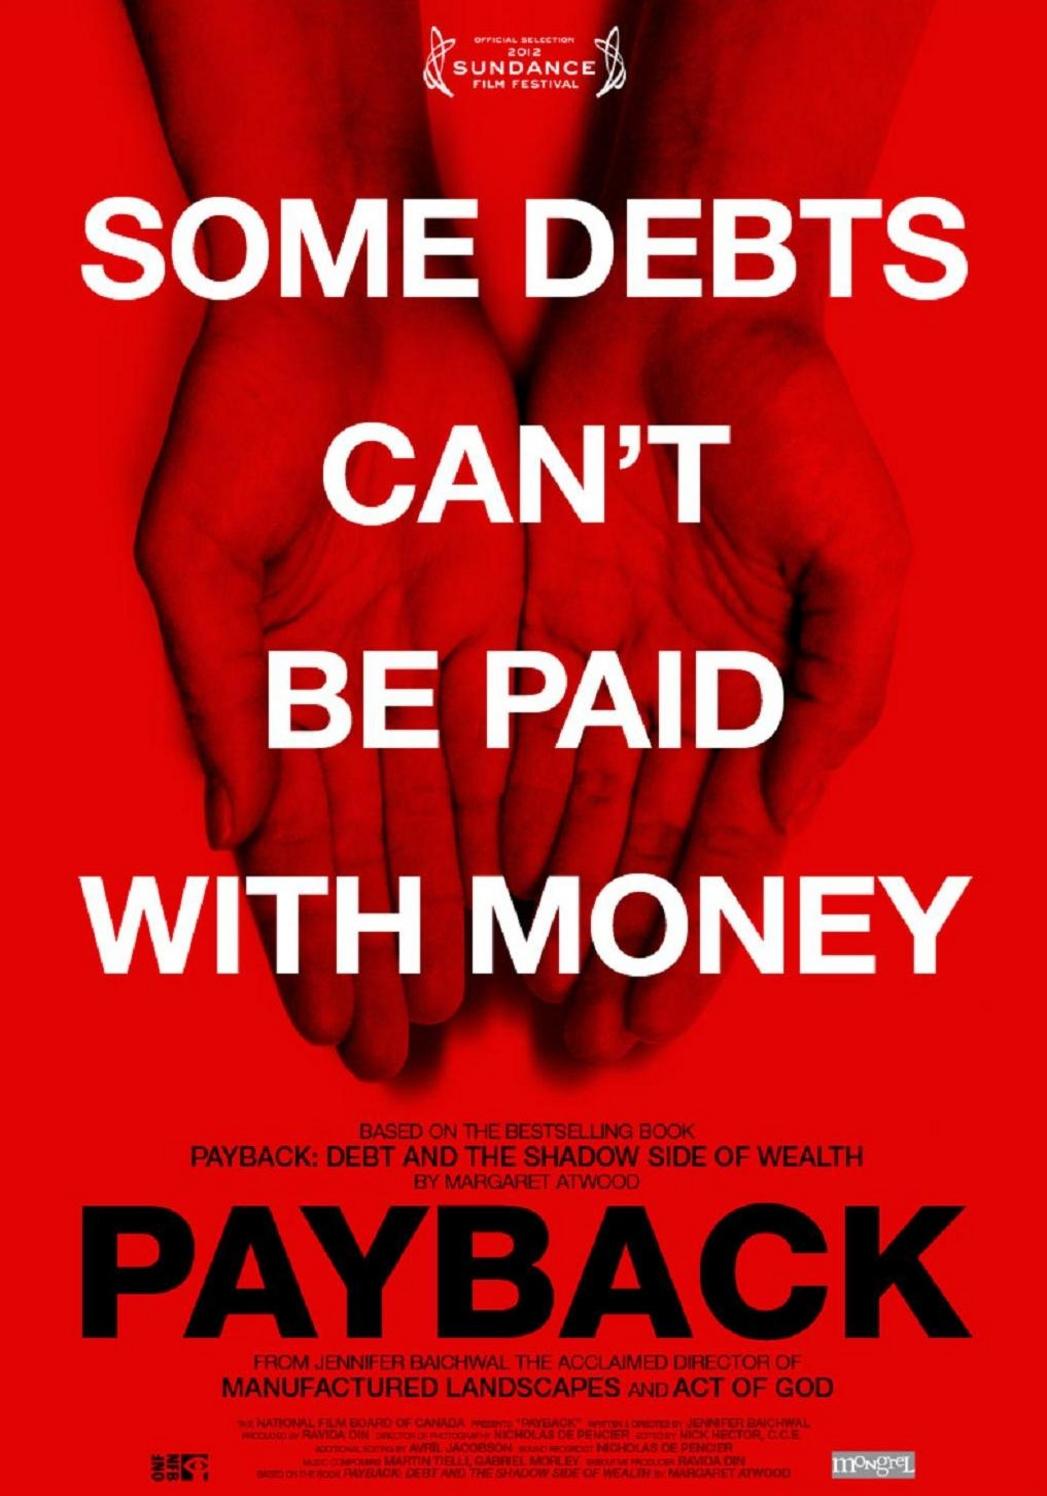 Payback - Movie Poster #1 (Original)